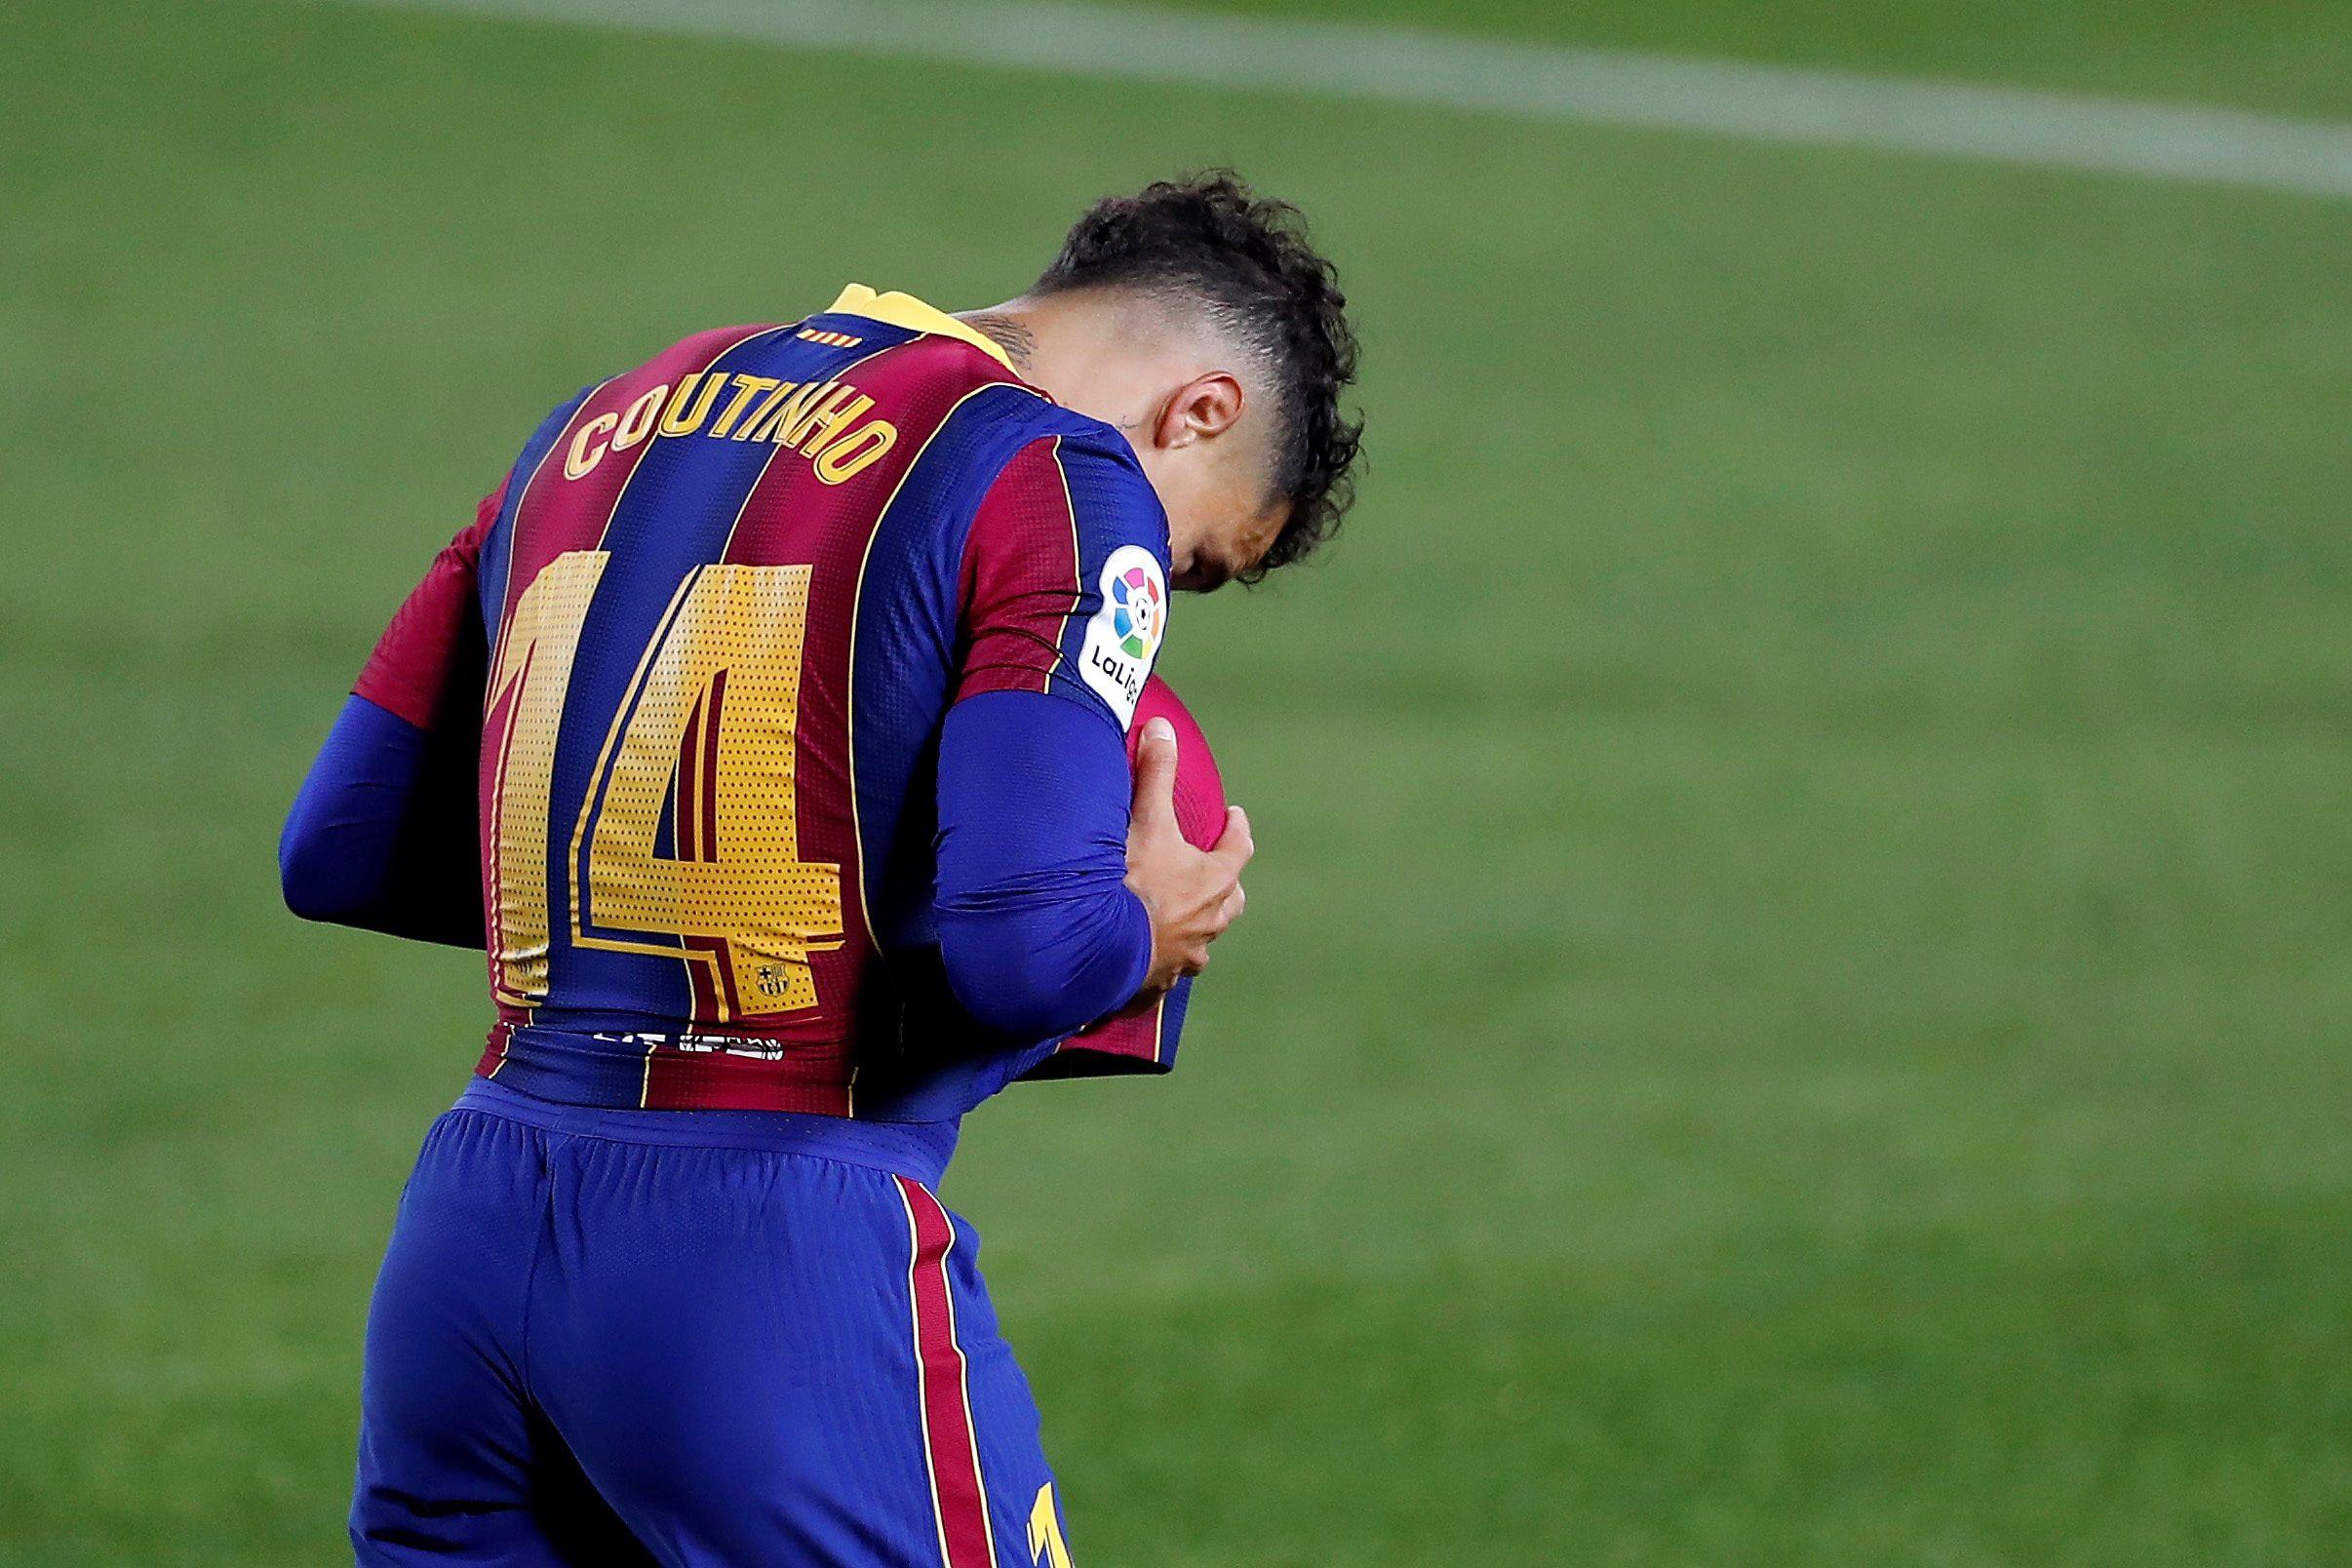 El centrocampista brasileño del FC Barcelona Philippe Coutinho. EFE/Alberto Estévez/Archivo